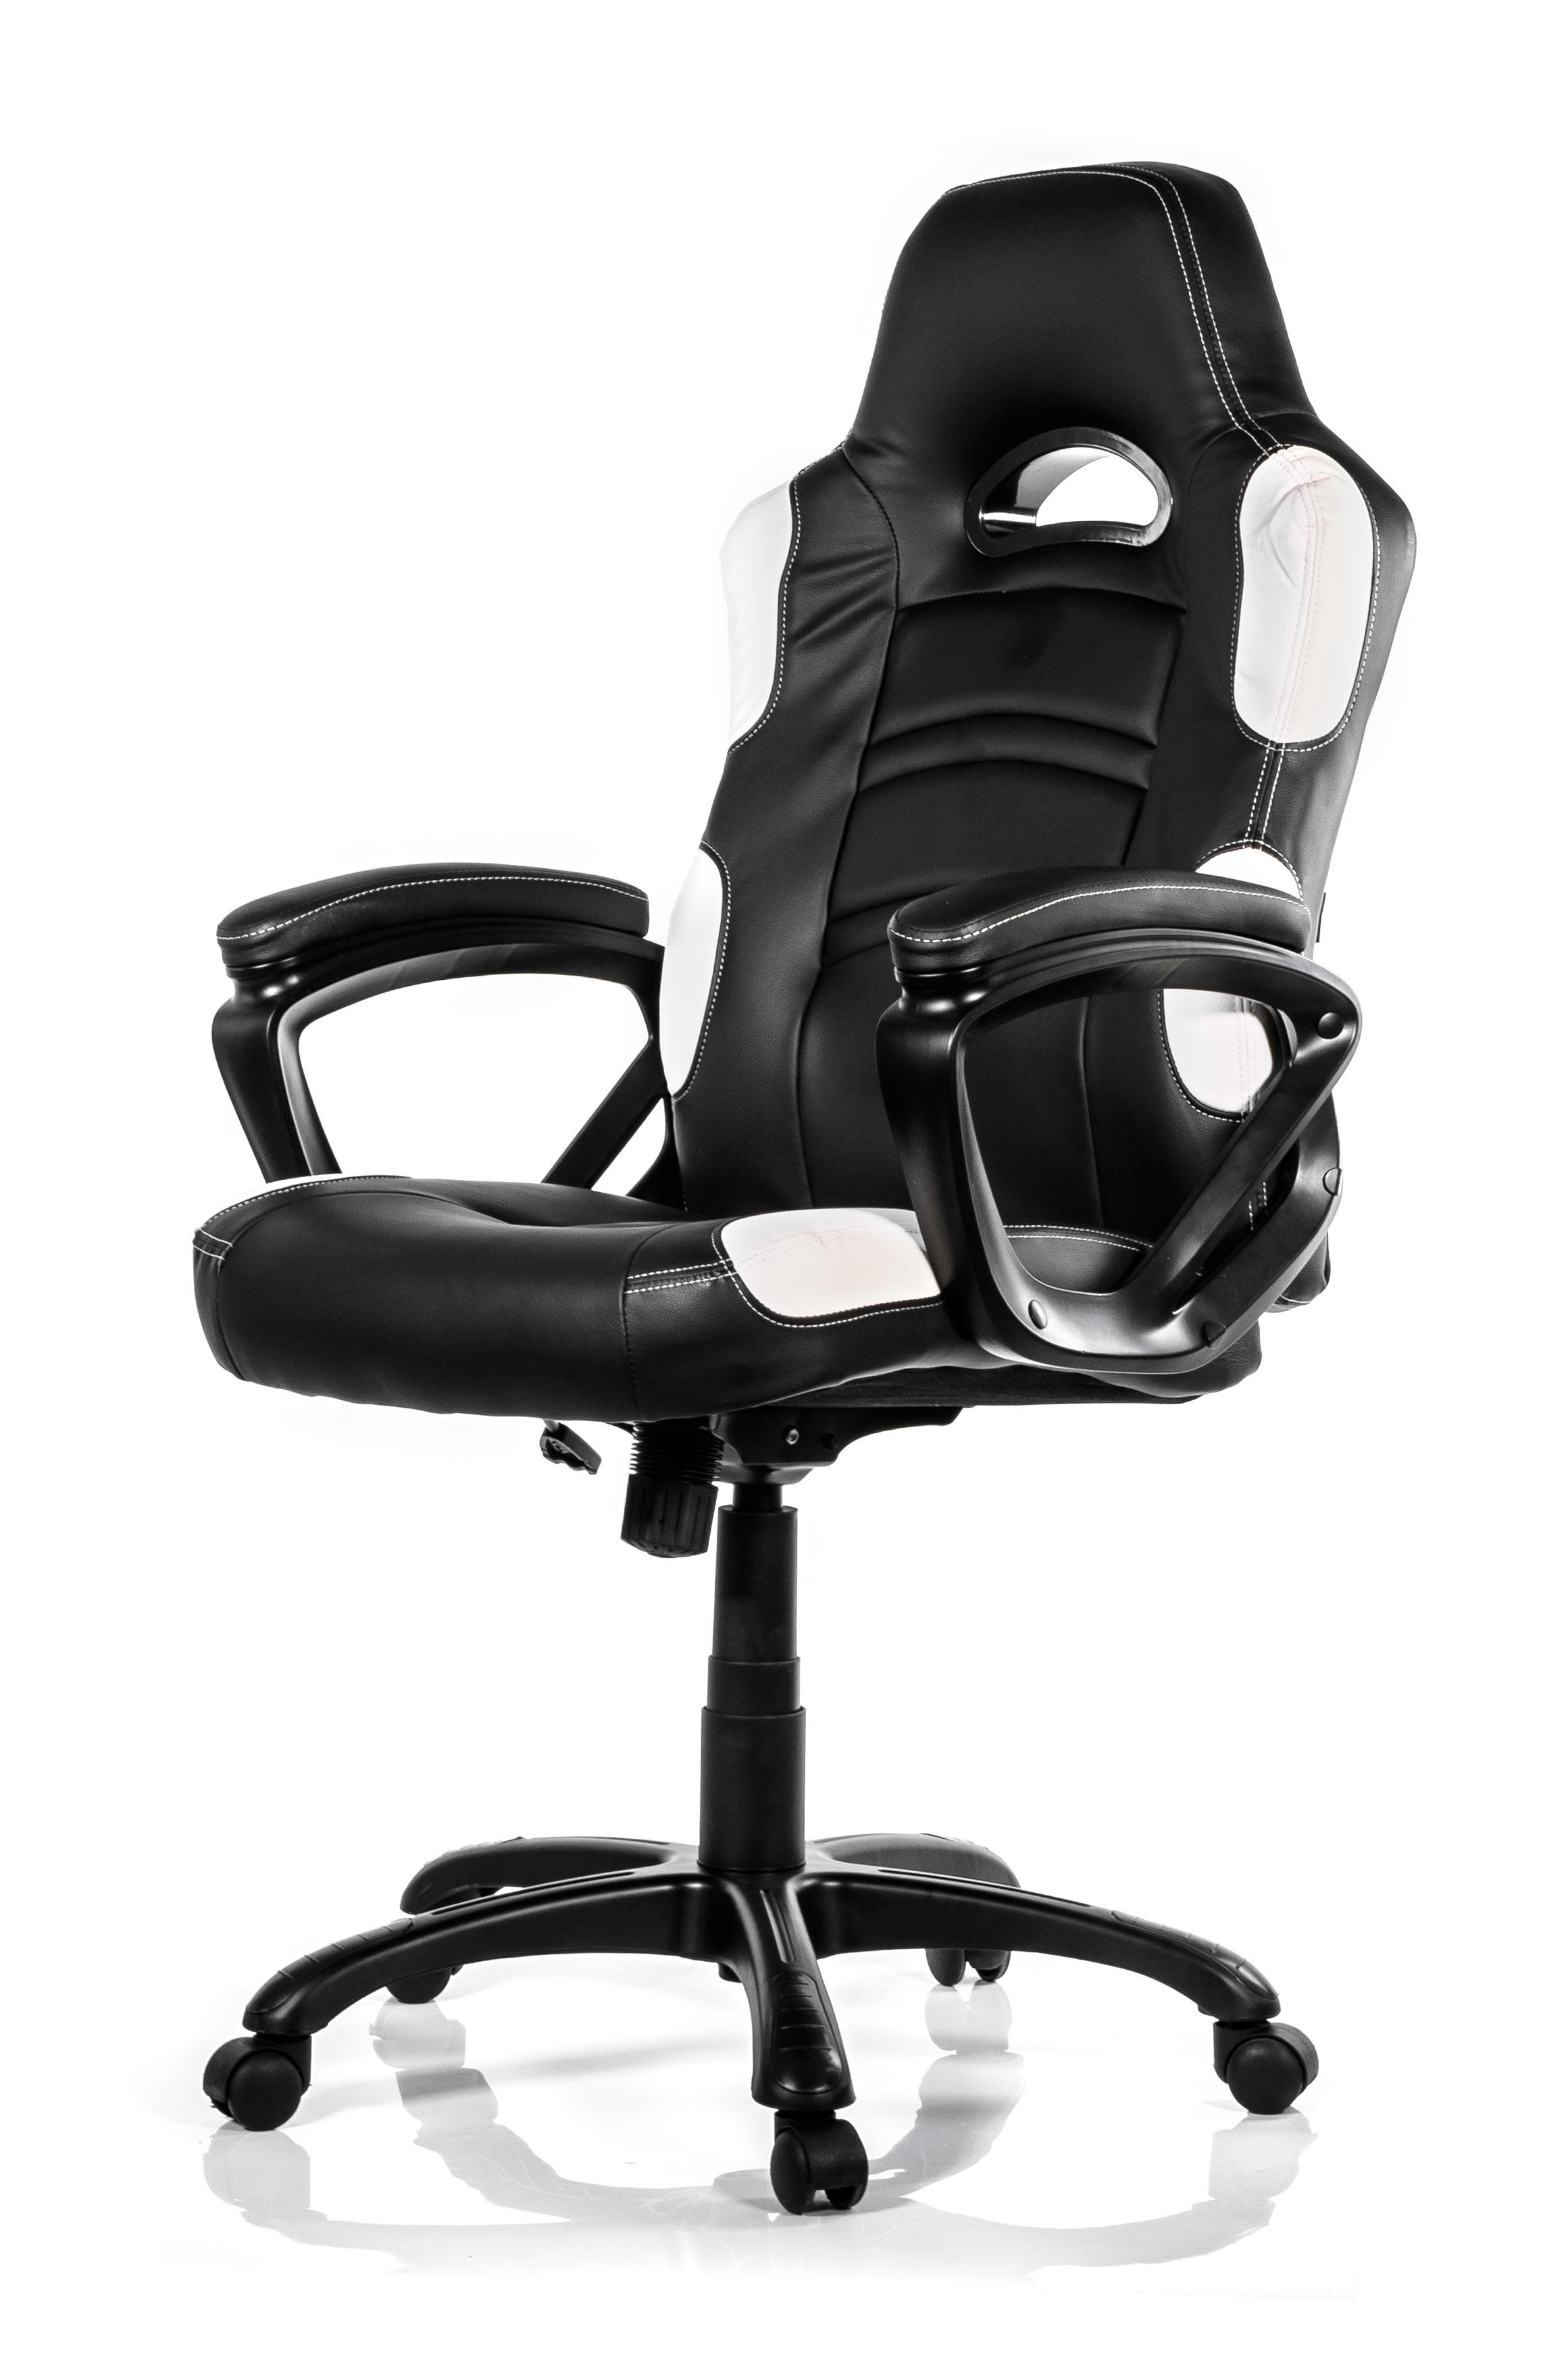 Arozzi Enzo Gaming Chair Black/White ARO-E-WH